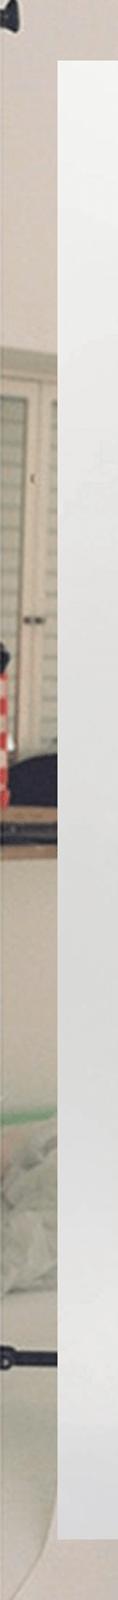 2017年のストリートを騒がせた新鋭ブランド TOP 10 032C Cali Thornhill DeWitt キャリ・ソーンヒル・デウィット Heliot Emil ヘリオット エミル SOME WARE SSS World Corp GMBH READYMADE Advisory Board Crystals アドヴィサリー ボード クリスタル abc doublet ダブレット Off-White™ オフホワイト BILLY ビリー HYPEBEAST ハイプビースト ストリート